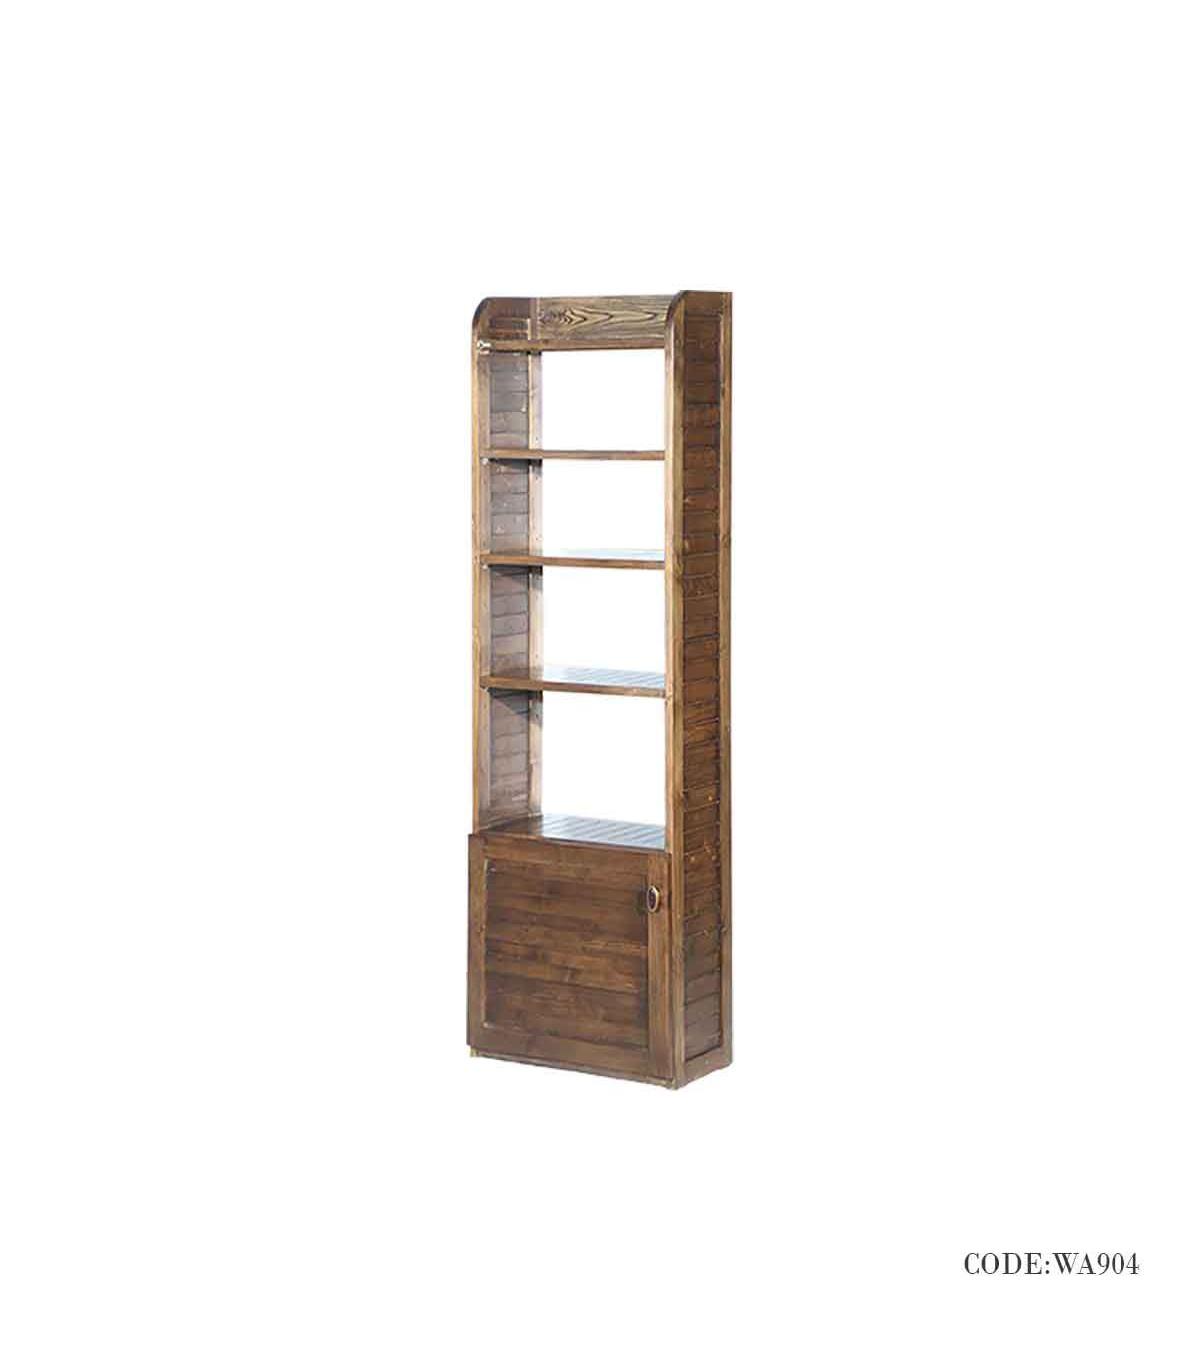 قفسه کتاب چوبی مدل رونیکا